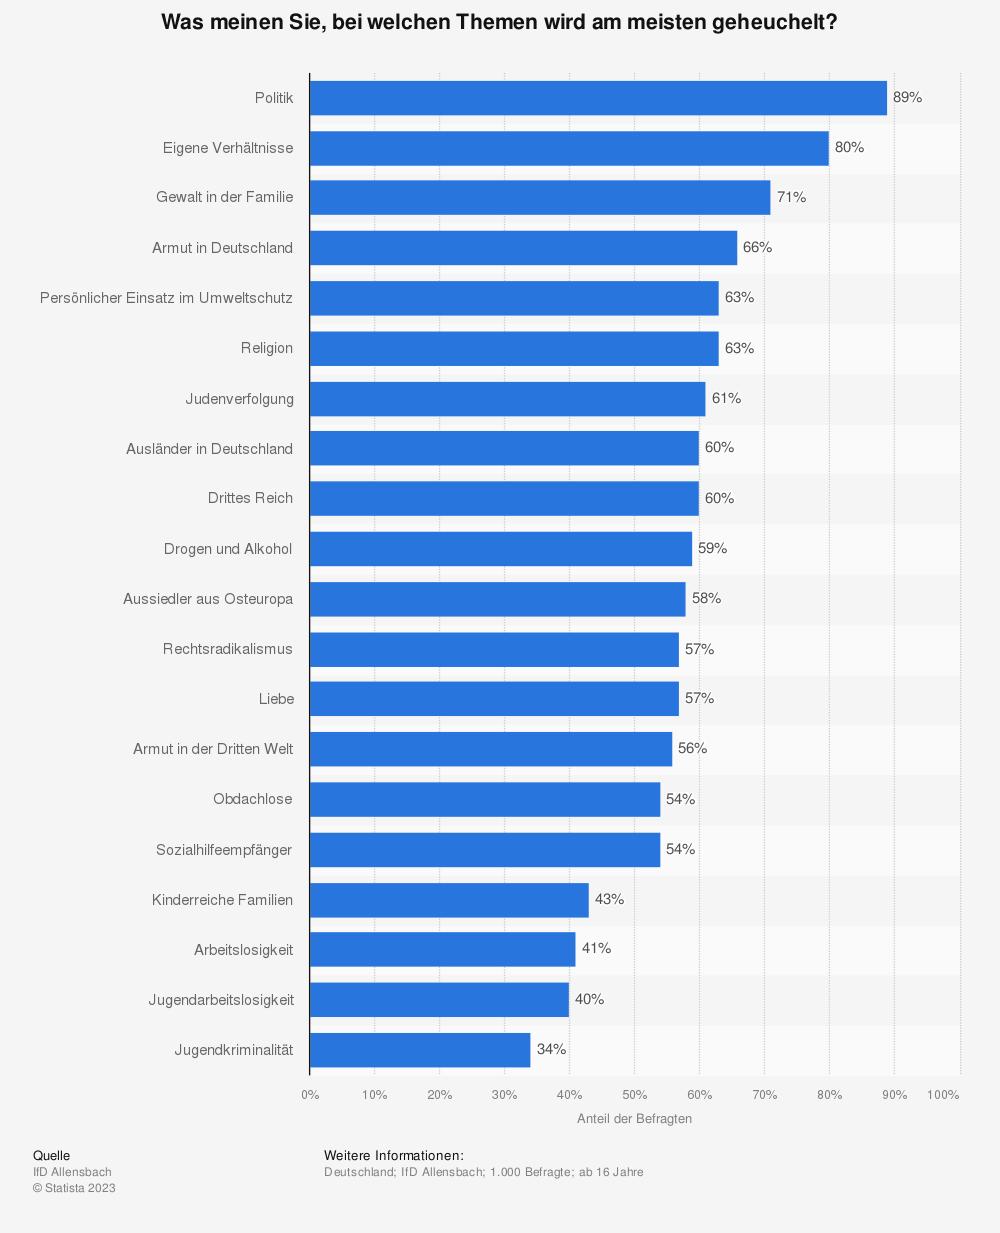 Statistik: Was meinen Sie, bei welchen Themen wird am meisten geheuchelt? | Statista